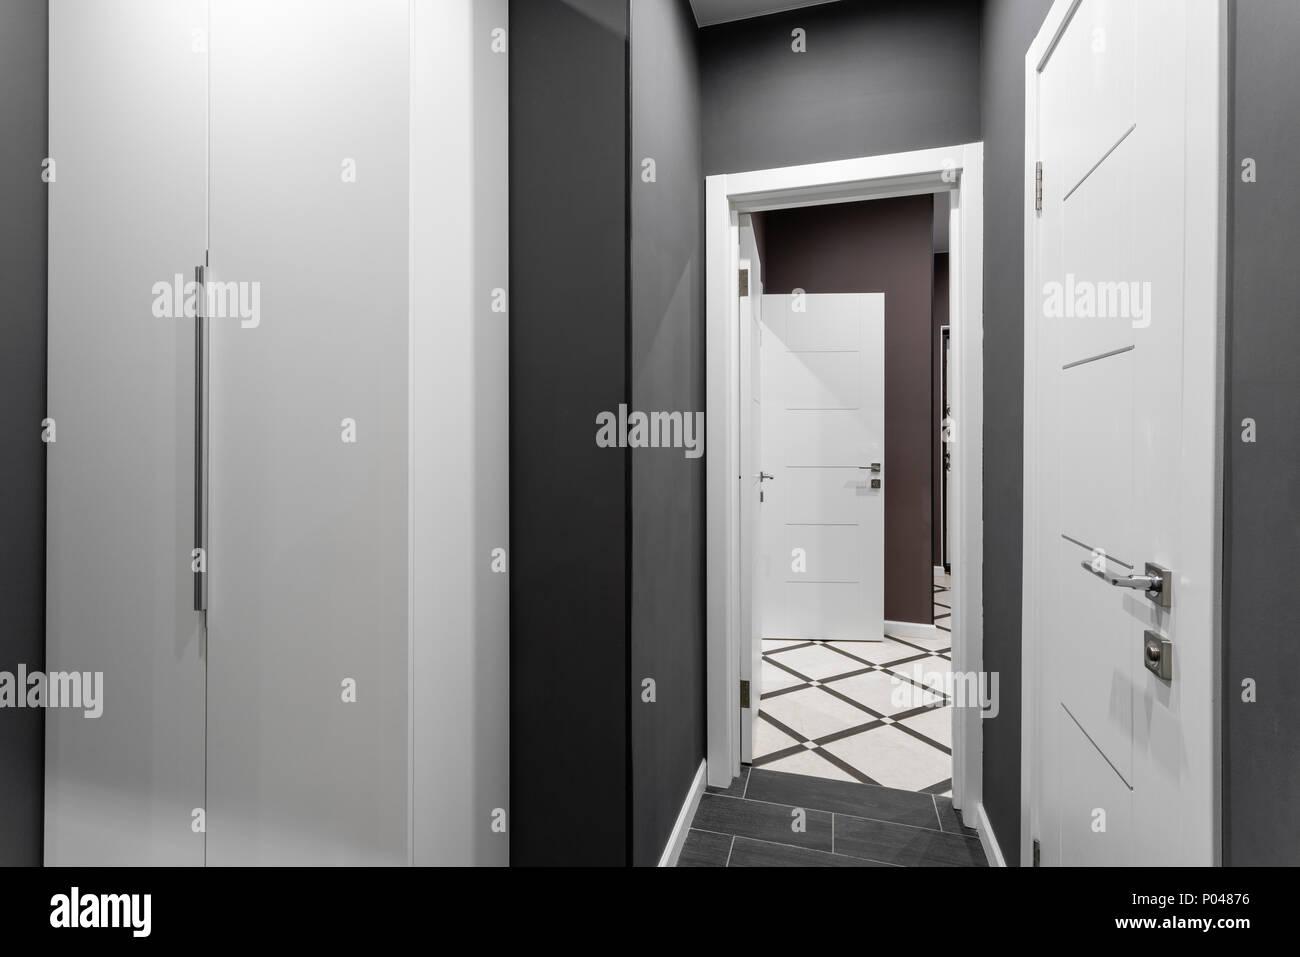 Der Korridor Zwischen Den Zimmern. Preiswert Familienzimmer. Hotel Standart  Zwei Schlafzimmer. Einfache Und Stilvolle Interieur. Innenbeleuchtung